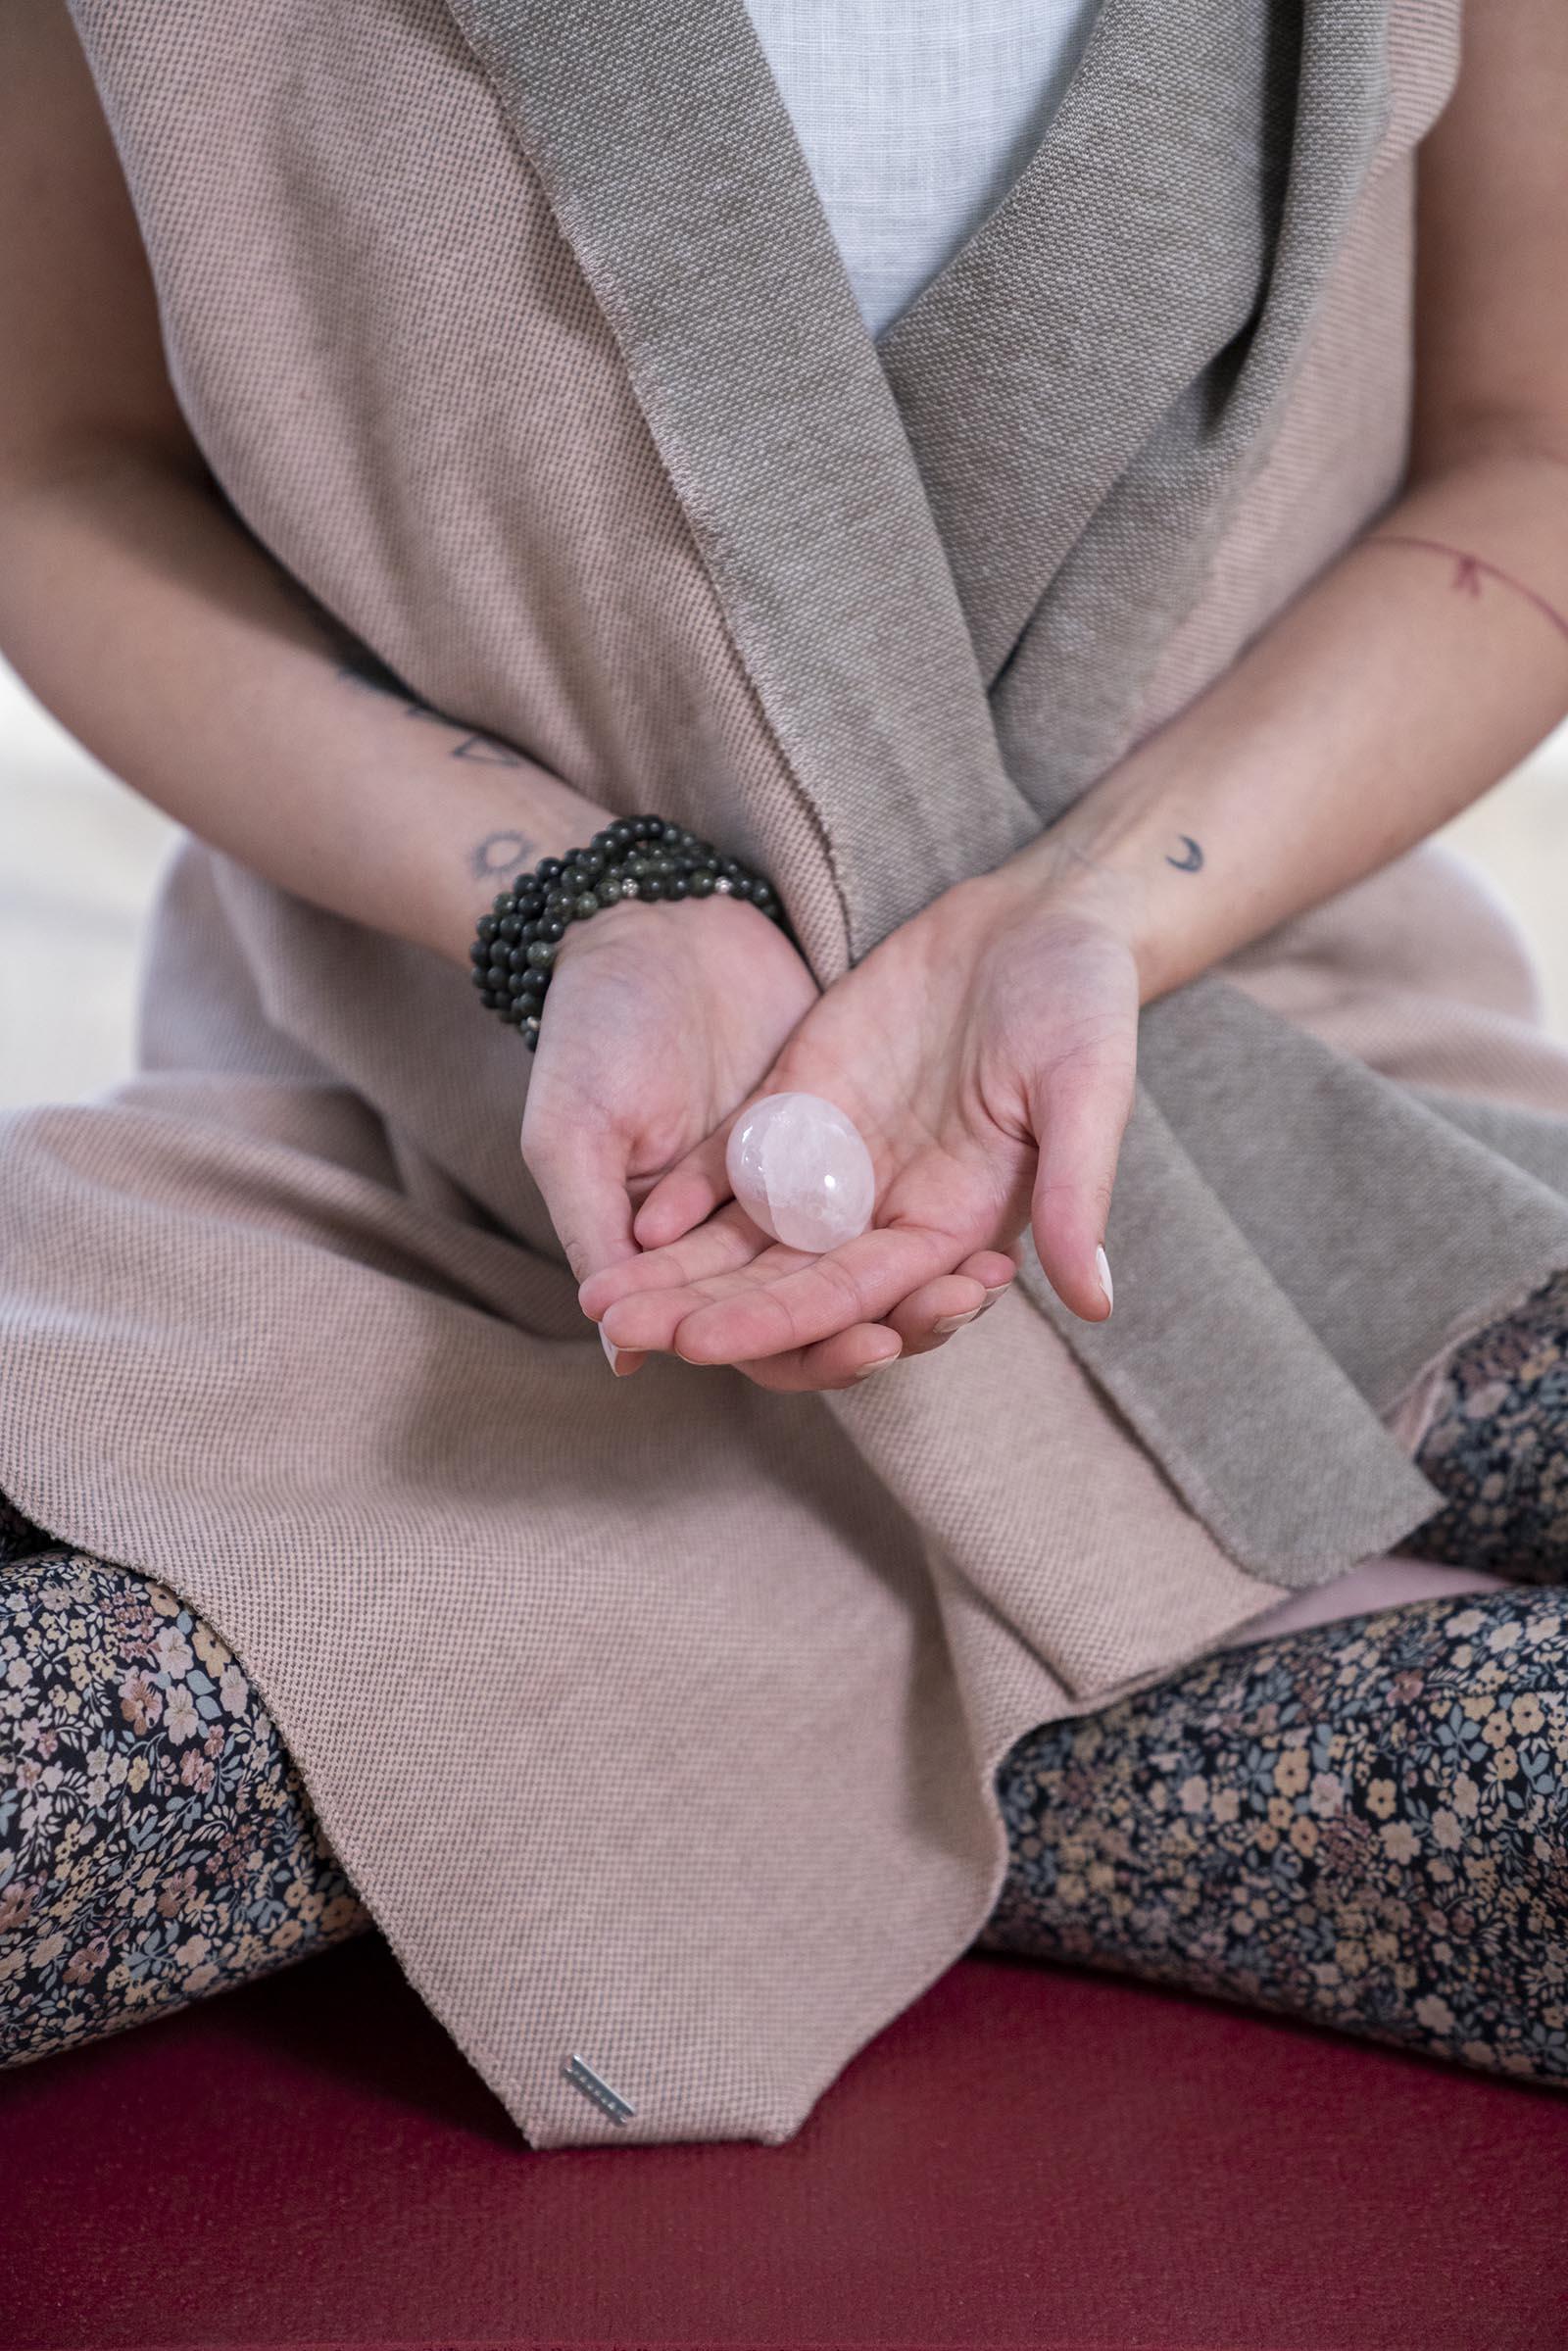 Jelena Drofenik-Premauer - #yogadoula - Jelena mit einem Stein in den Händen